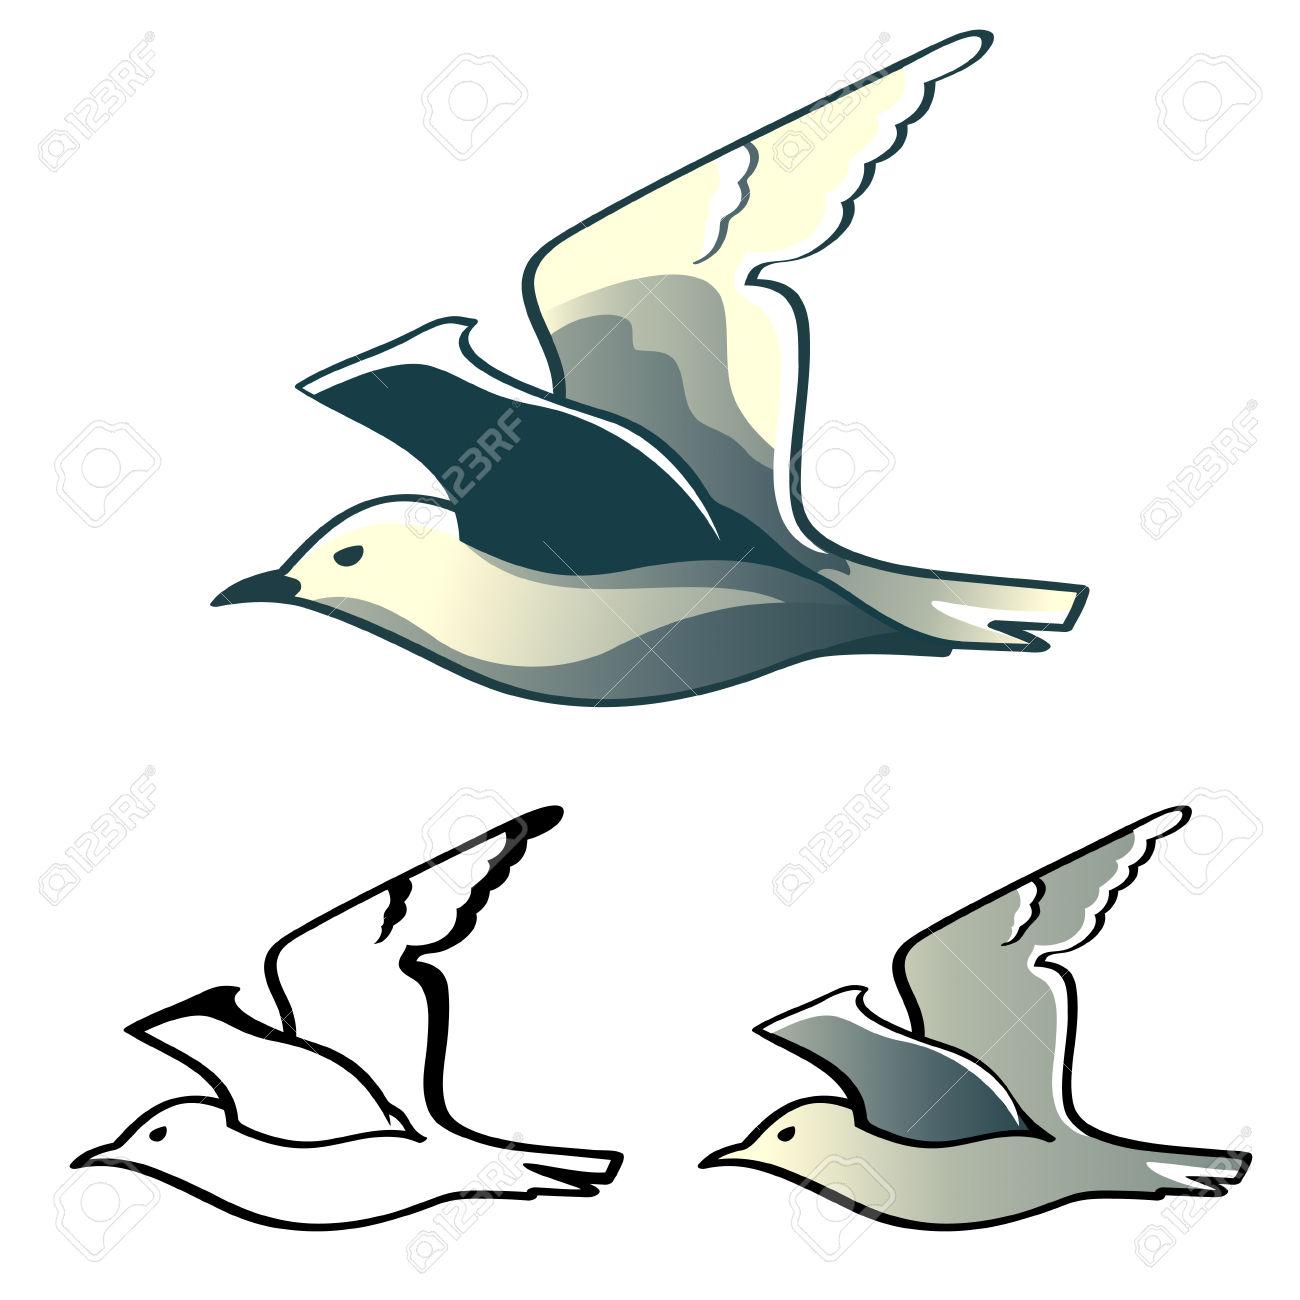 Diseños De Albatros (o Gaviota) Vuelos Aislados Ilustraciones.